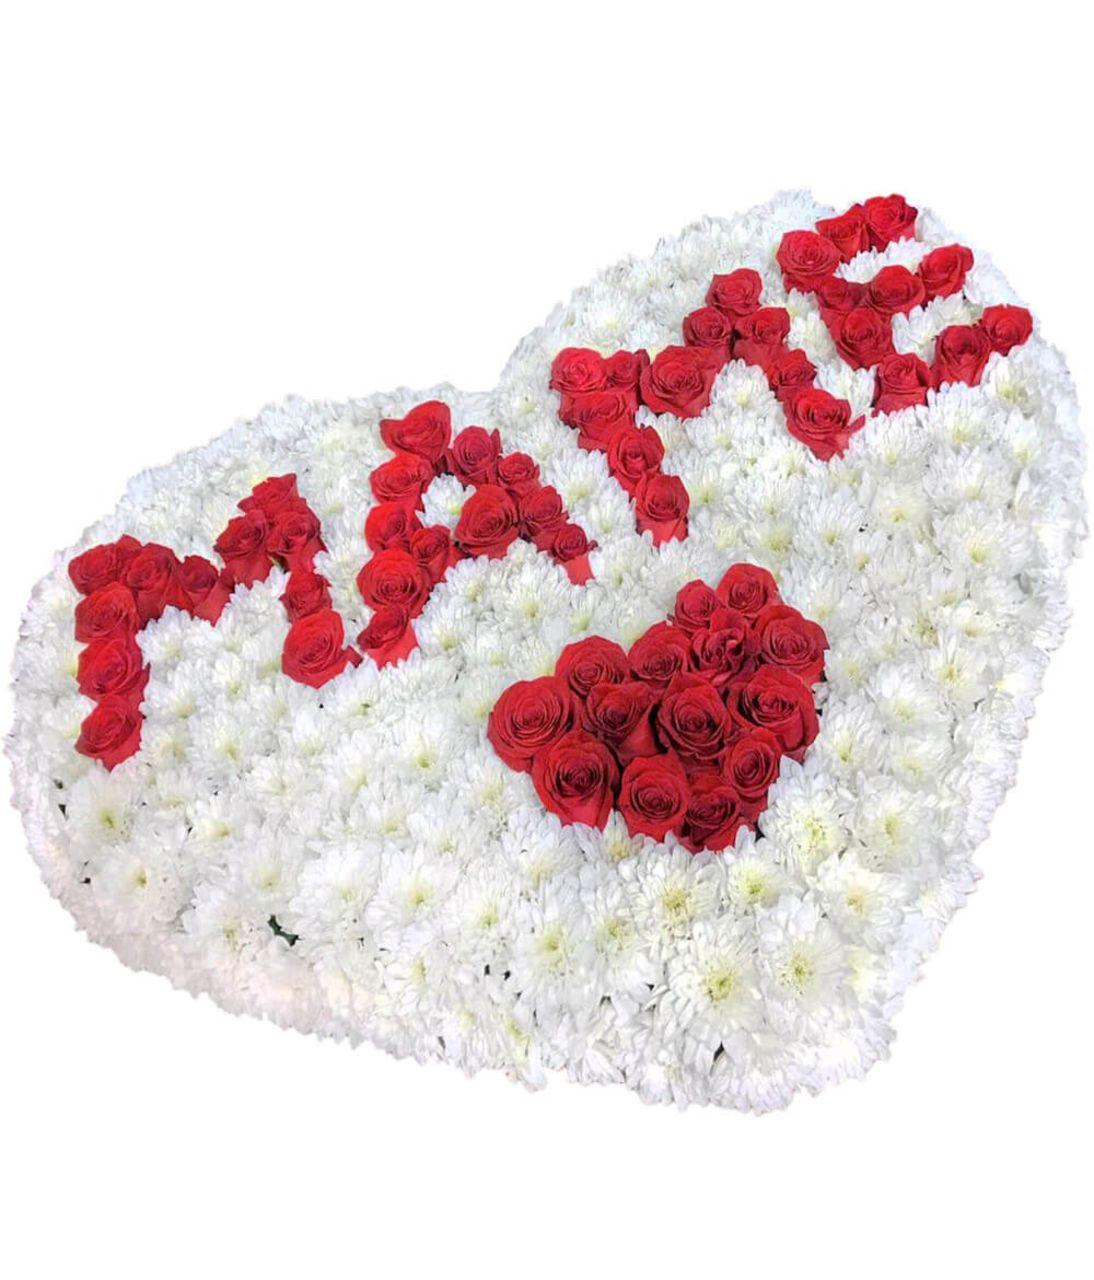 """Букет роз маме """"Большое сердце"""". superflowers.com.ua. Купить цветы для мамы с доставкой"""